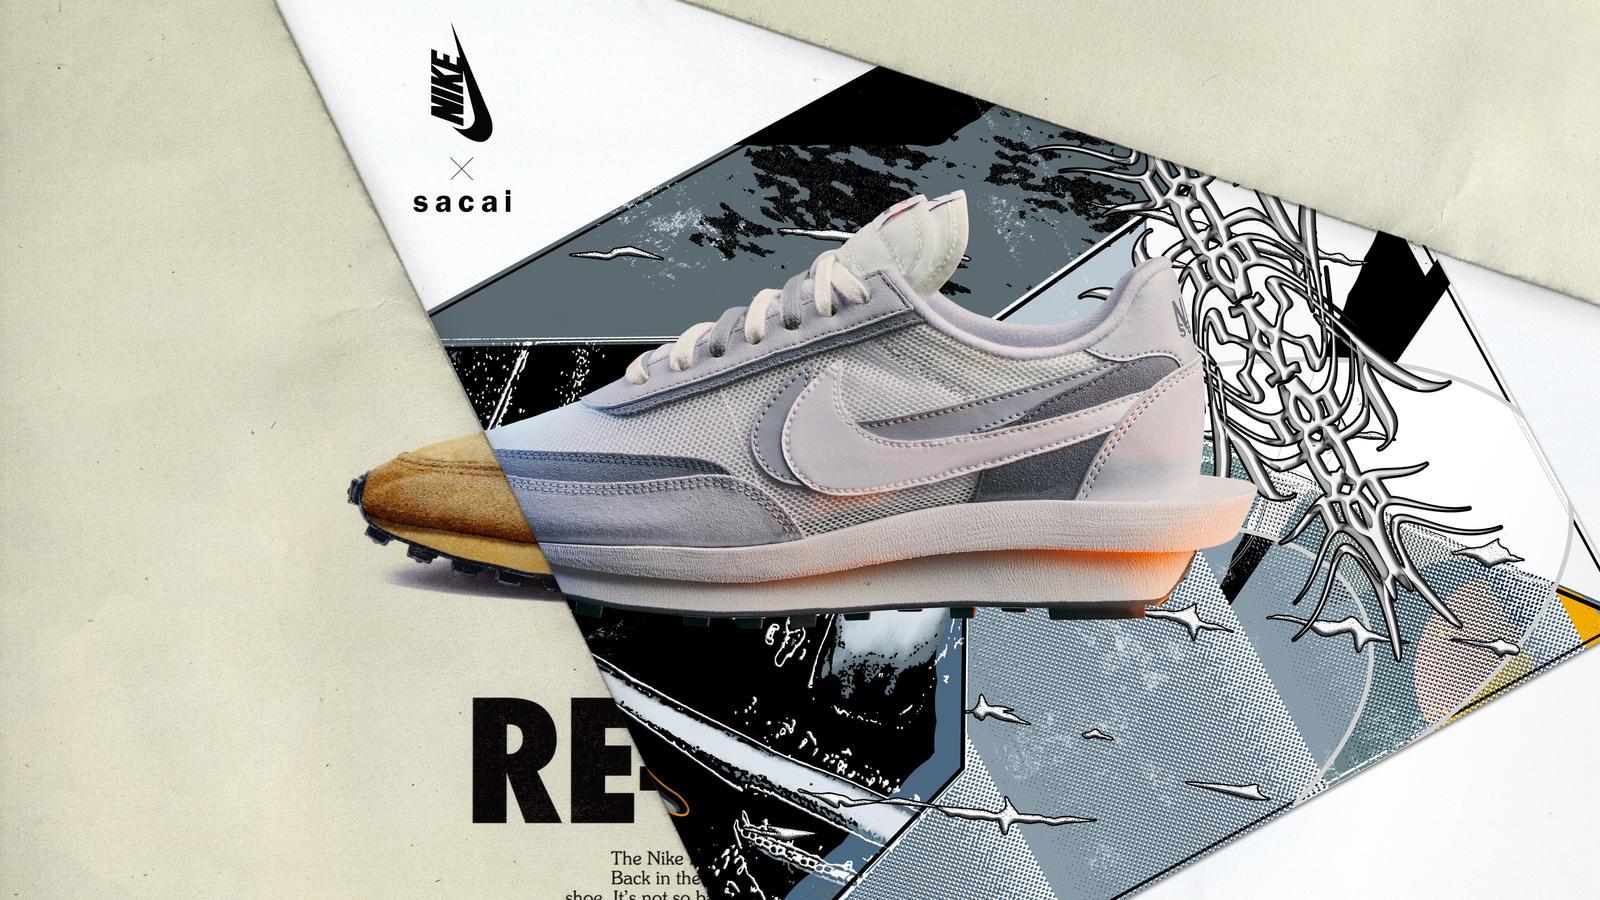 「1+1=2以上」のハイブリッド<br>Nike x sacaiが新コレクション